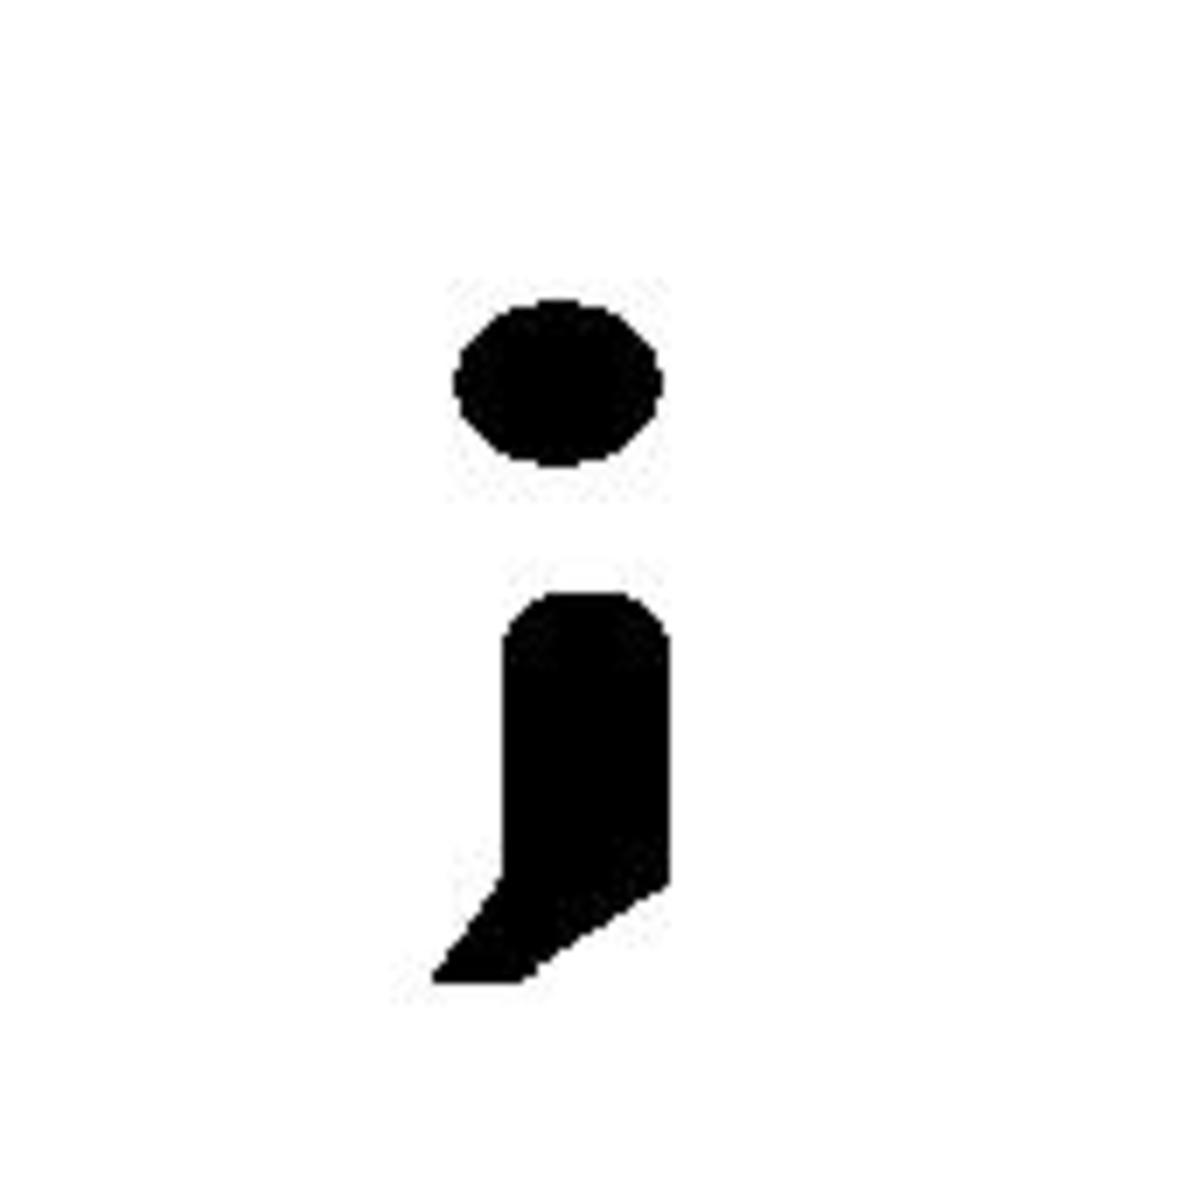 a semicolon: half period, half comma